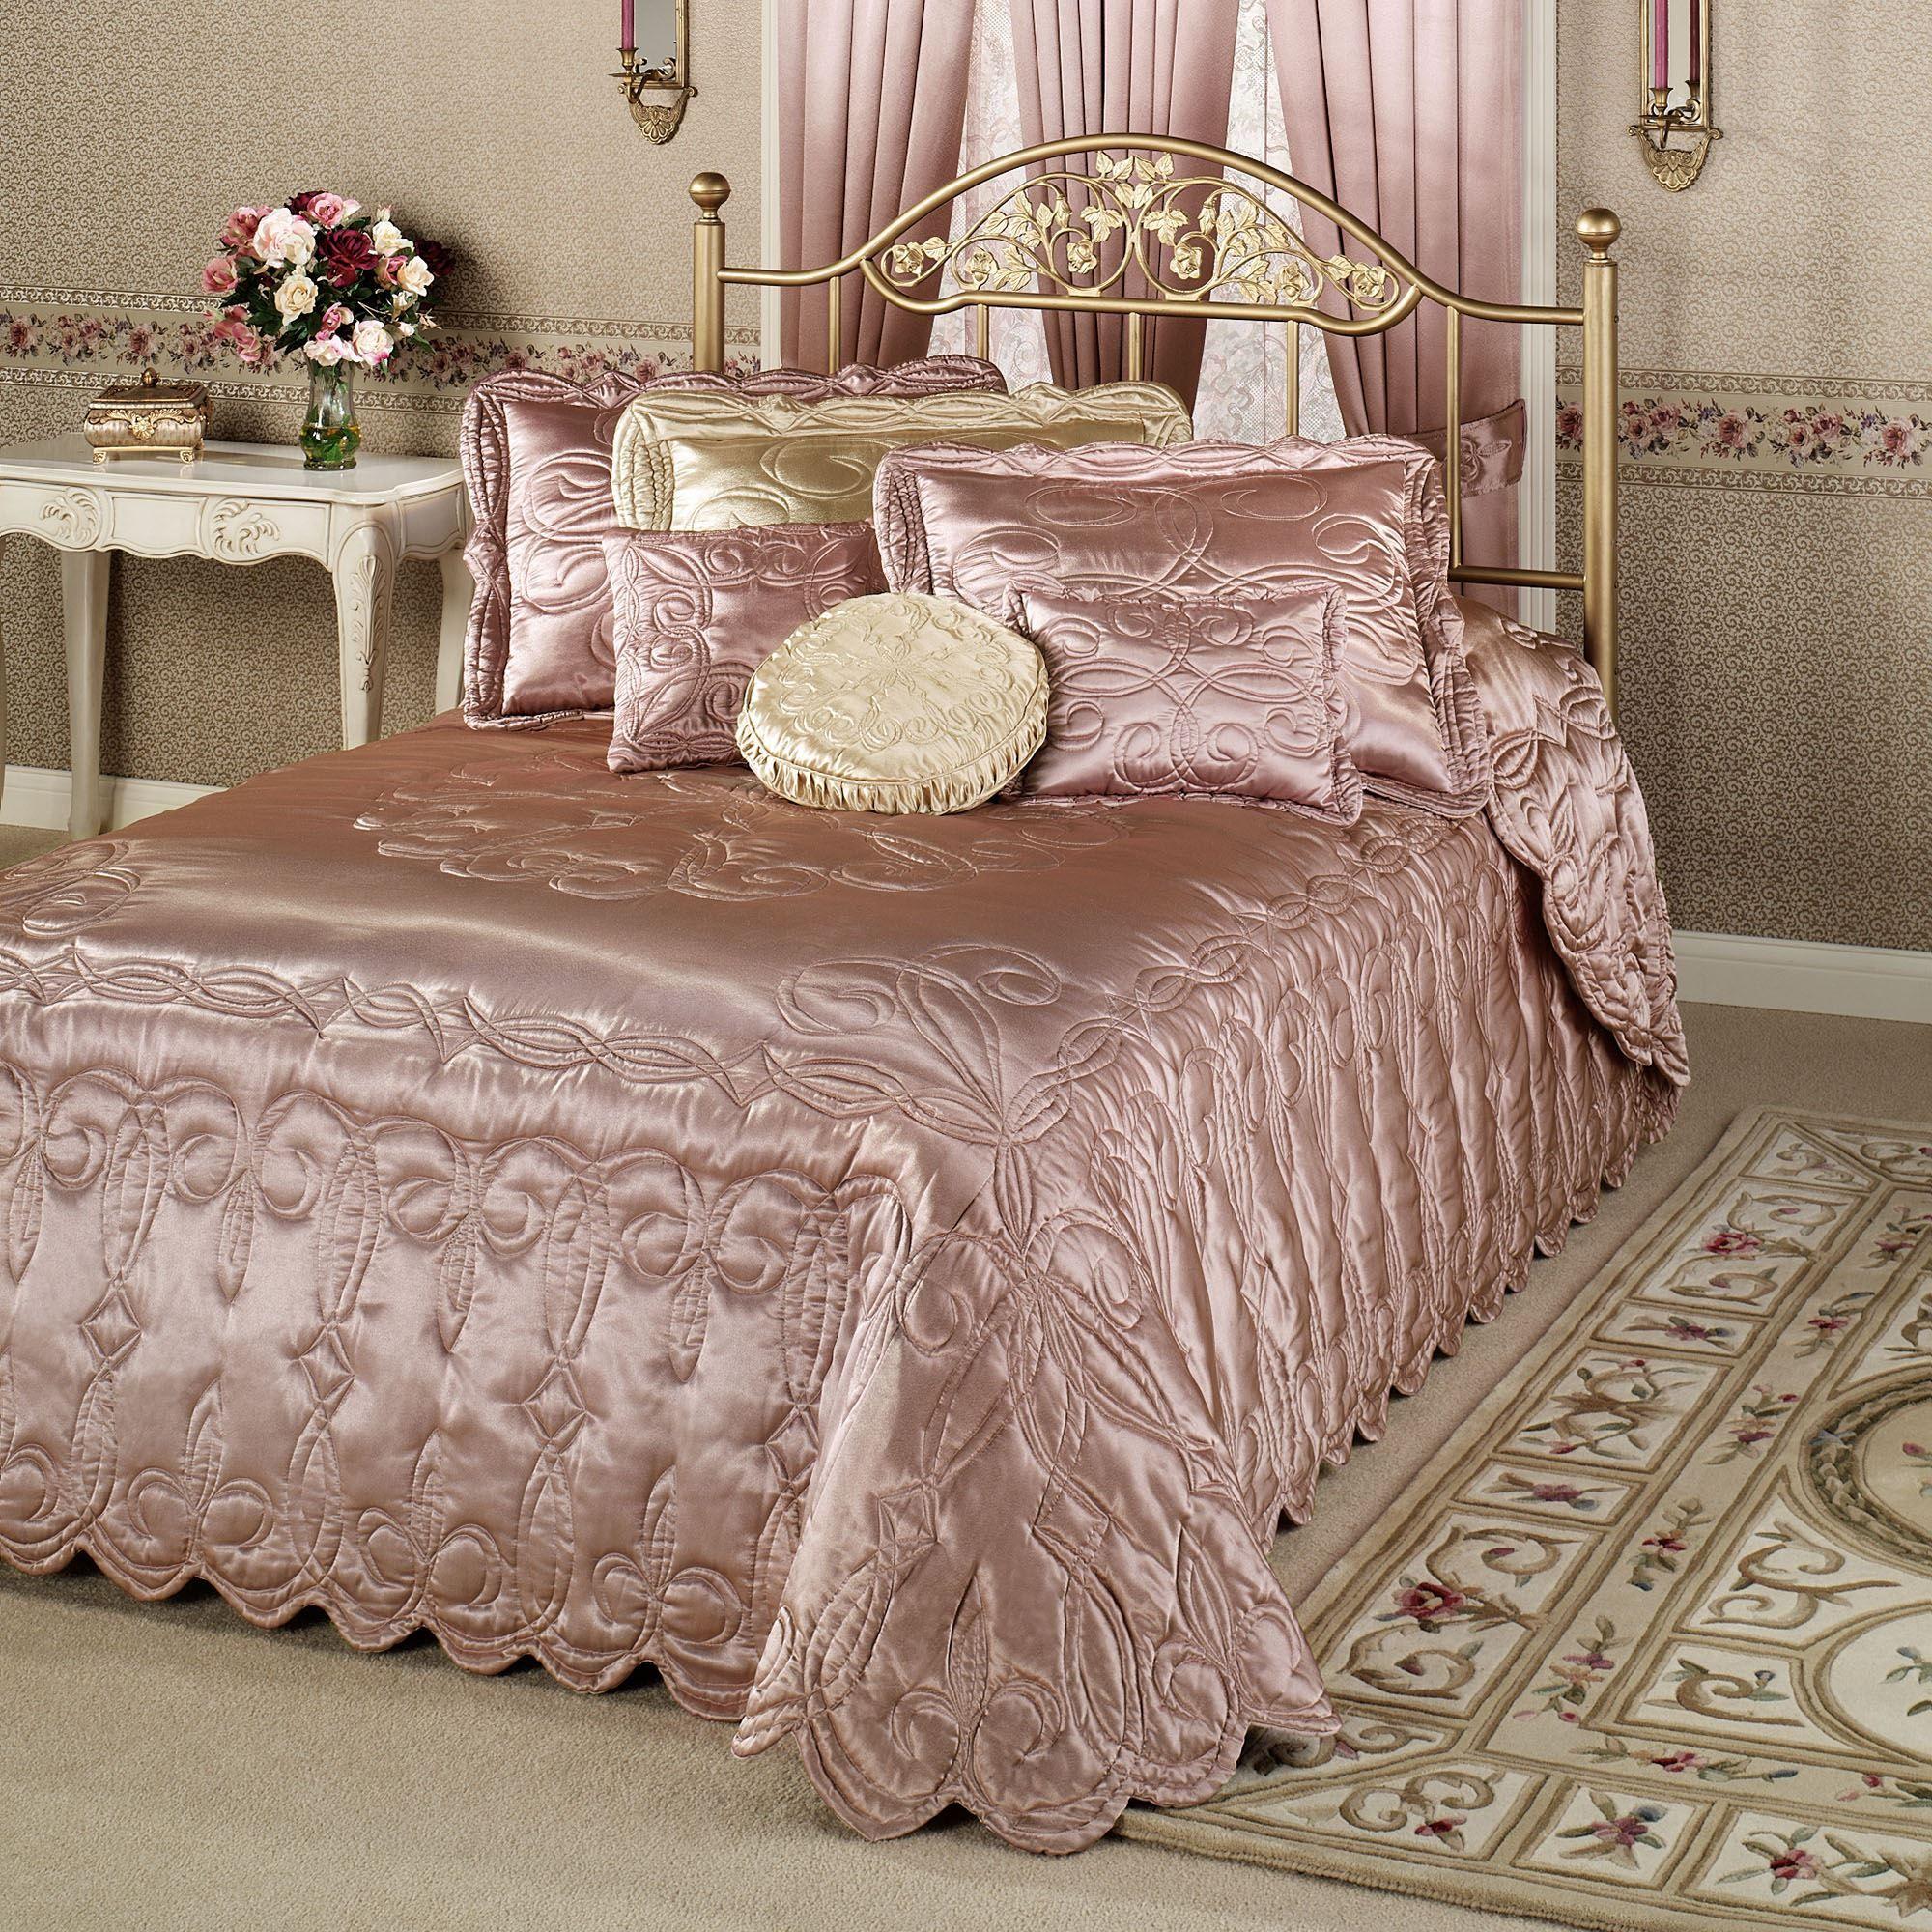 paris grande bedspread - Paris Bedding